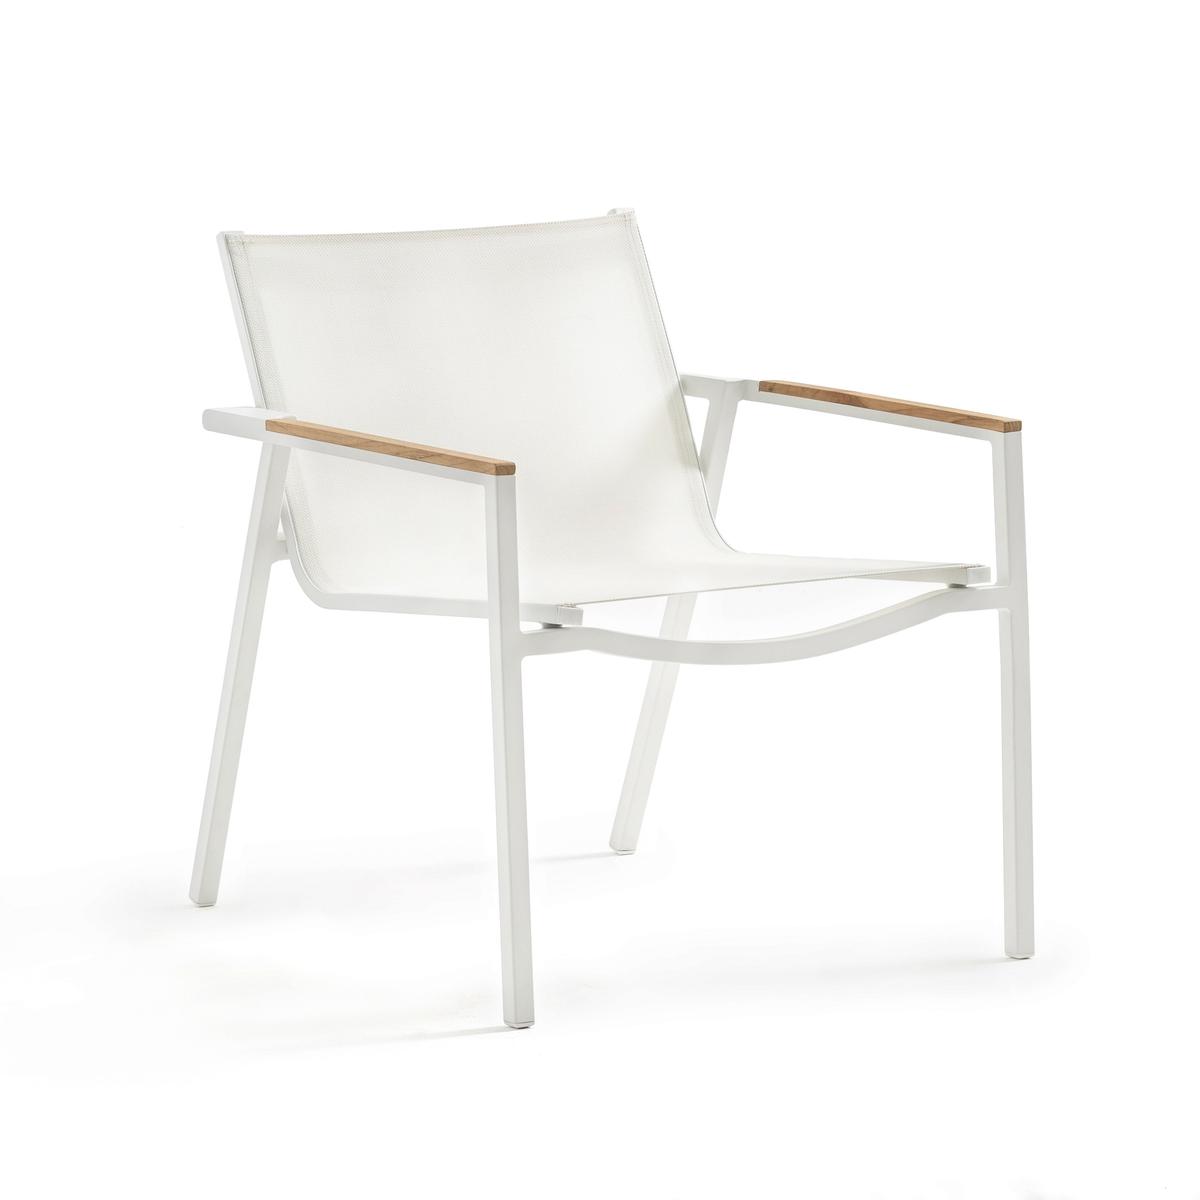 Кресло садовое из текстилена AccodoСадовое кресло Accodo. Удобные спинка и сиденье из текстиленового полотна. Можно дополнить подставкой для ног Accodo (продается на сайте) для большего удобства.Характеристики садового кресла Accodo :Спинка и сиденье из текстиленового полотнаКаркас из алюминия с эпоксидным покрытием  Подлокотники из тикаРазмеры садового кресла Accodo :Ширина : 68 смВысота : 76 смГлубина : 71 смСиденье : Ш55,5 x В44 x Г50,5 смРазмеры и вес упаковки: 1 упаковка78 x 79,5 x 70 см9,3 кгДоставка :Поставляется в собранном виде. Доставка будет осуществлена до вашей квартиры по предварительному согласованию ! Внимание! Убедитесь в том, что дверные, лестничные и лифтовые проемы позволяют осуществить доставку товара с указанными габаритами.<br><br>Цвет: белый,черный